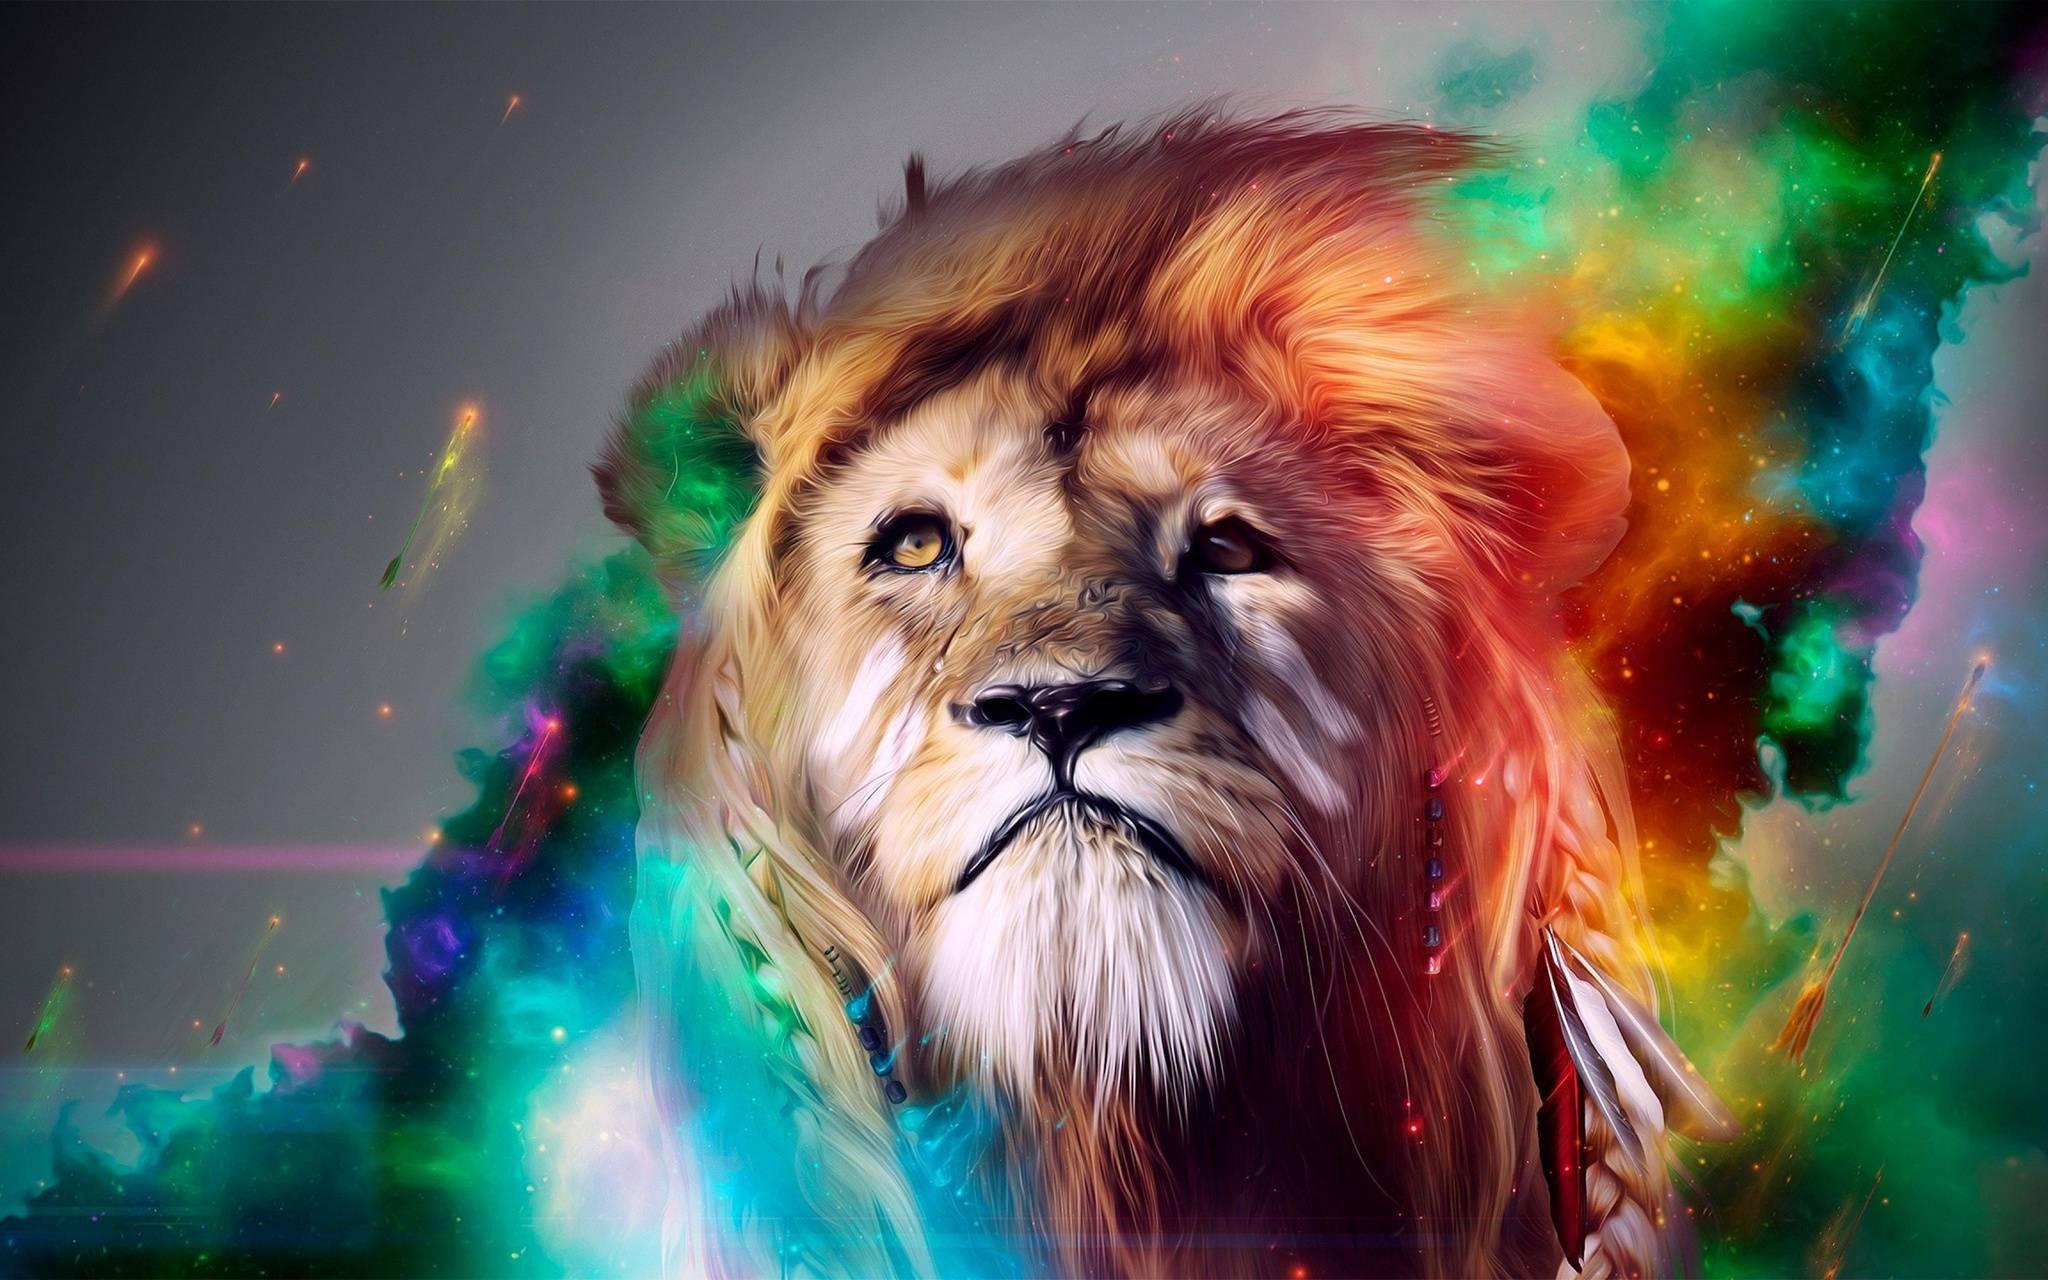 Colorfull Tiger 4K